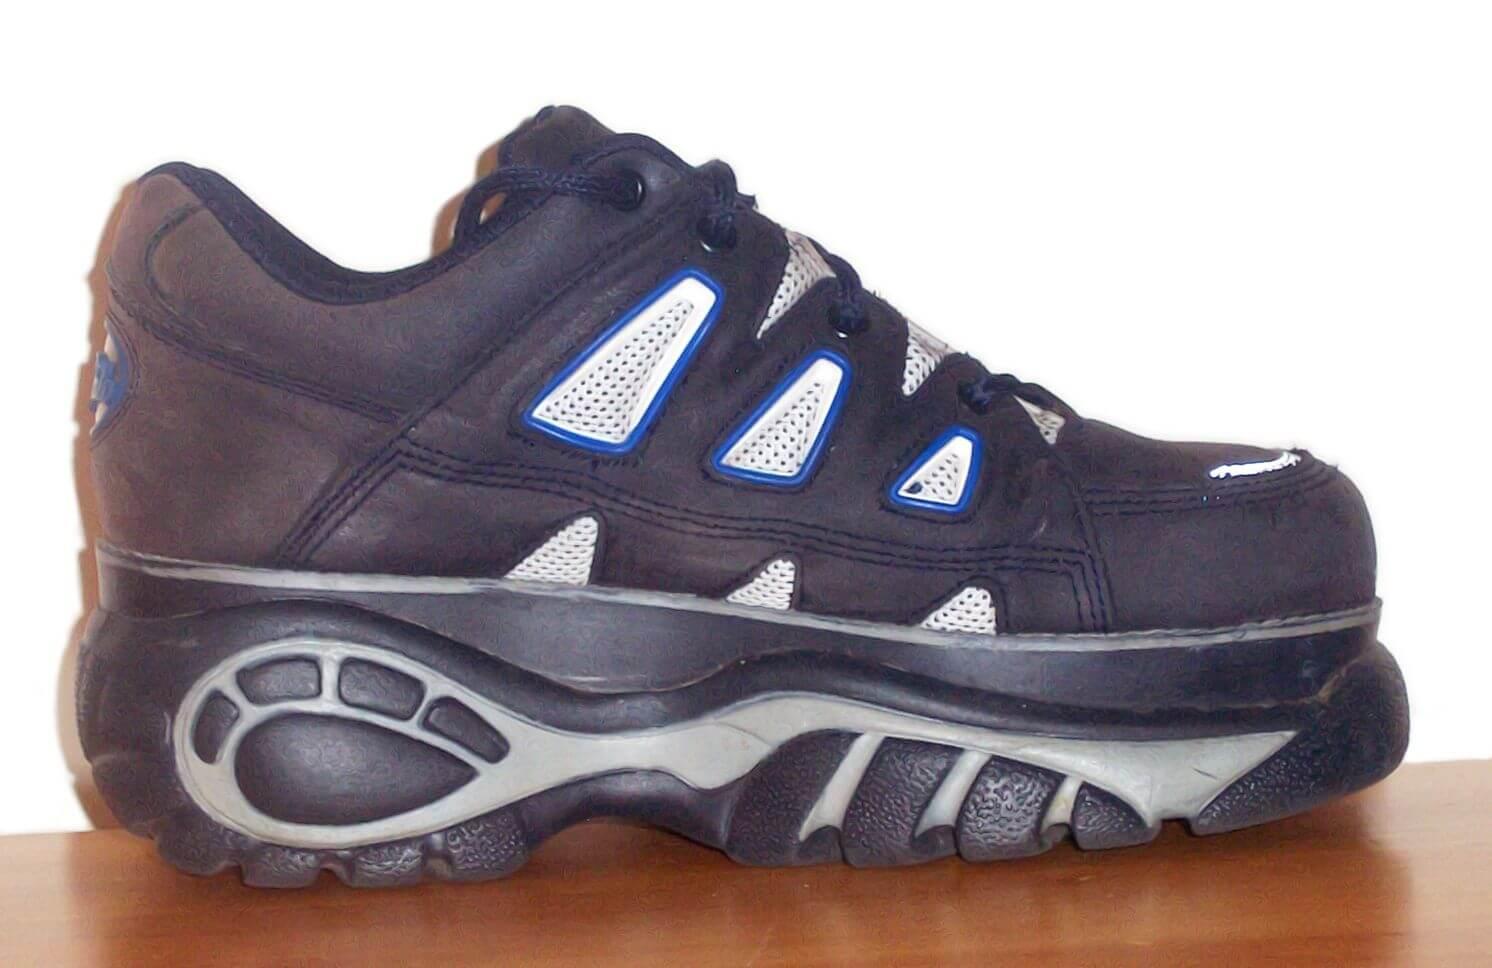 Buffalo Schuhe DER Renner in den 90er Jahren |